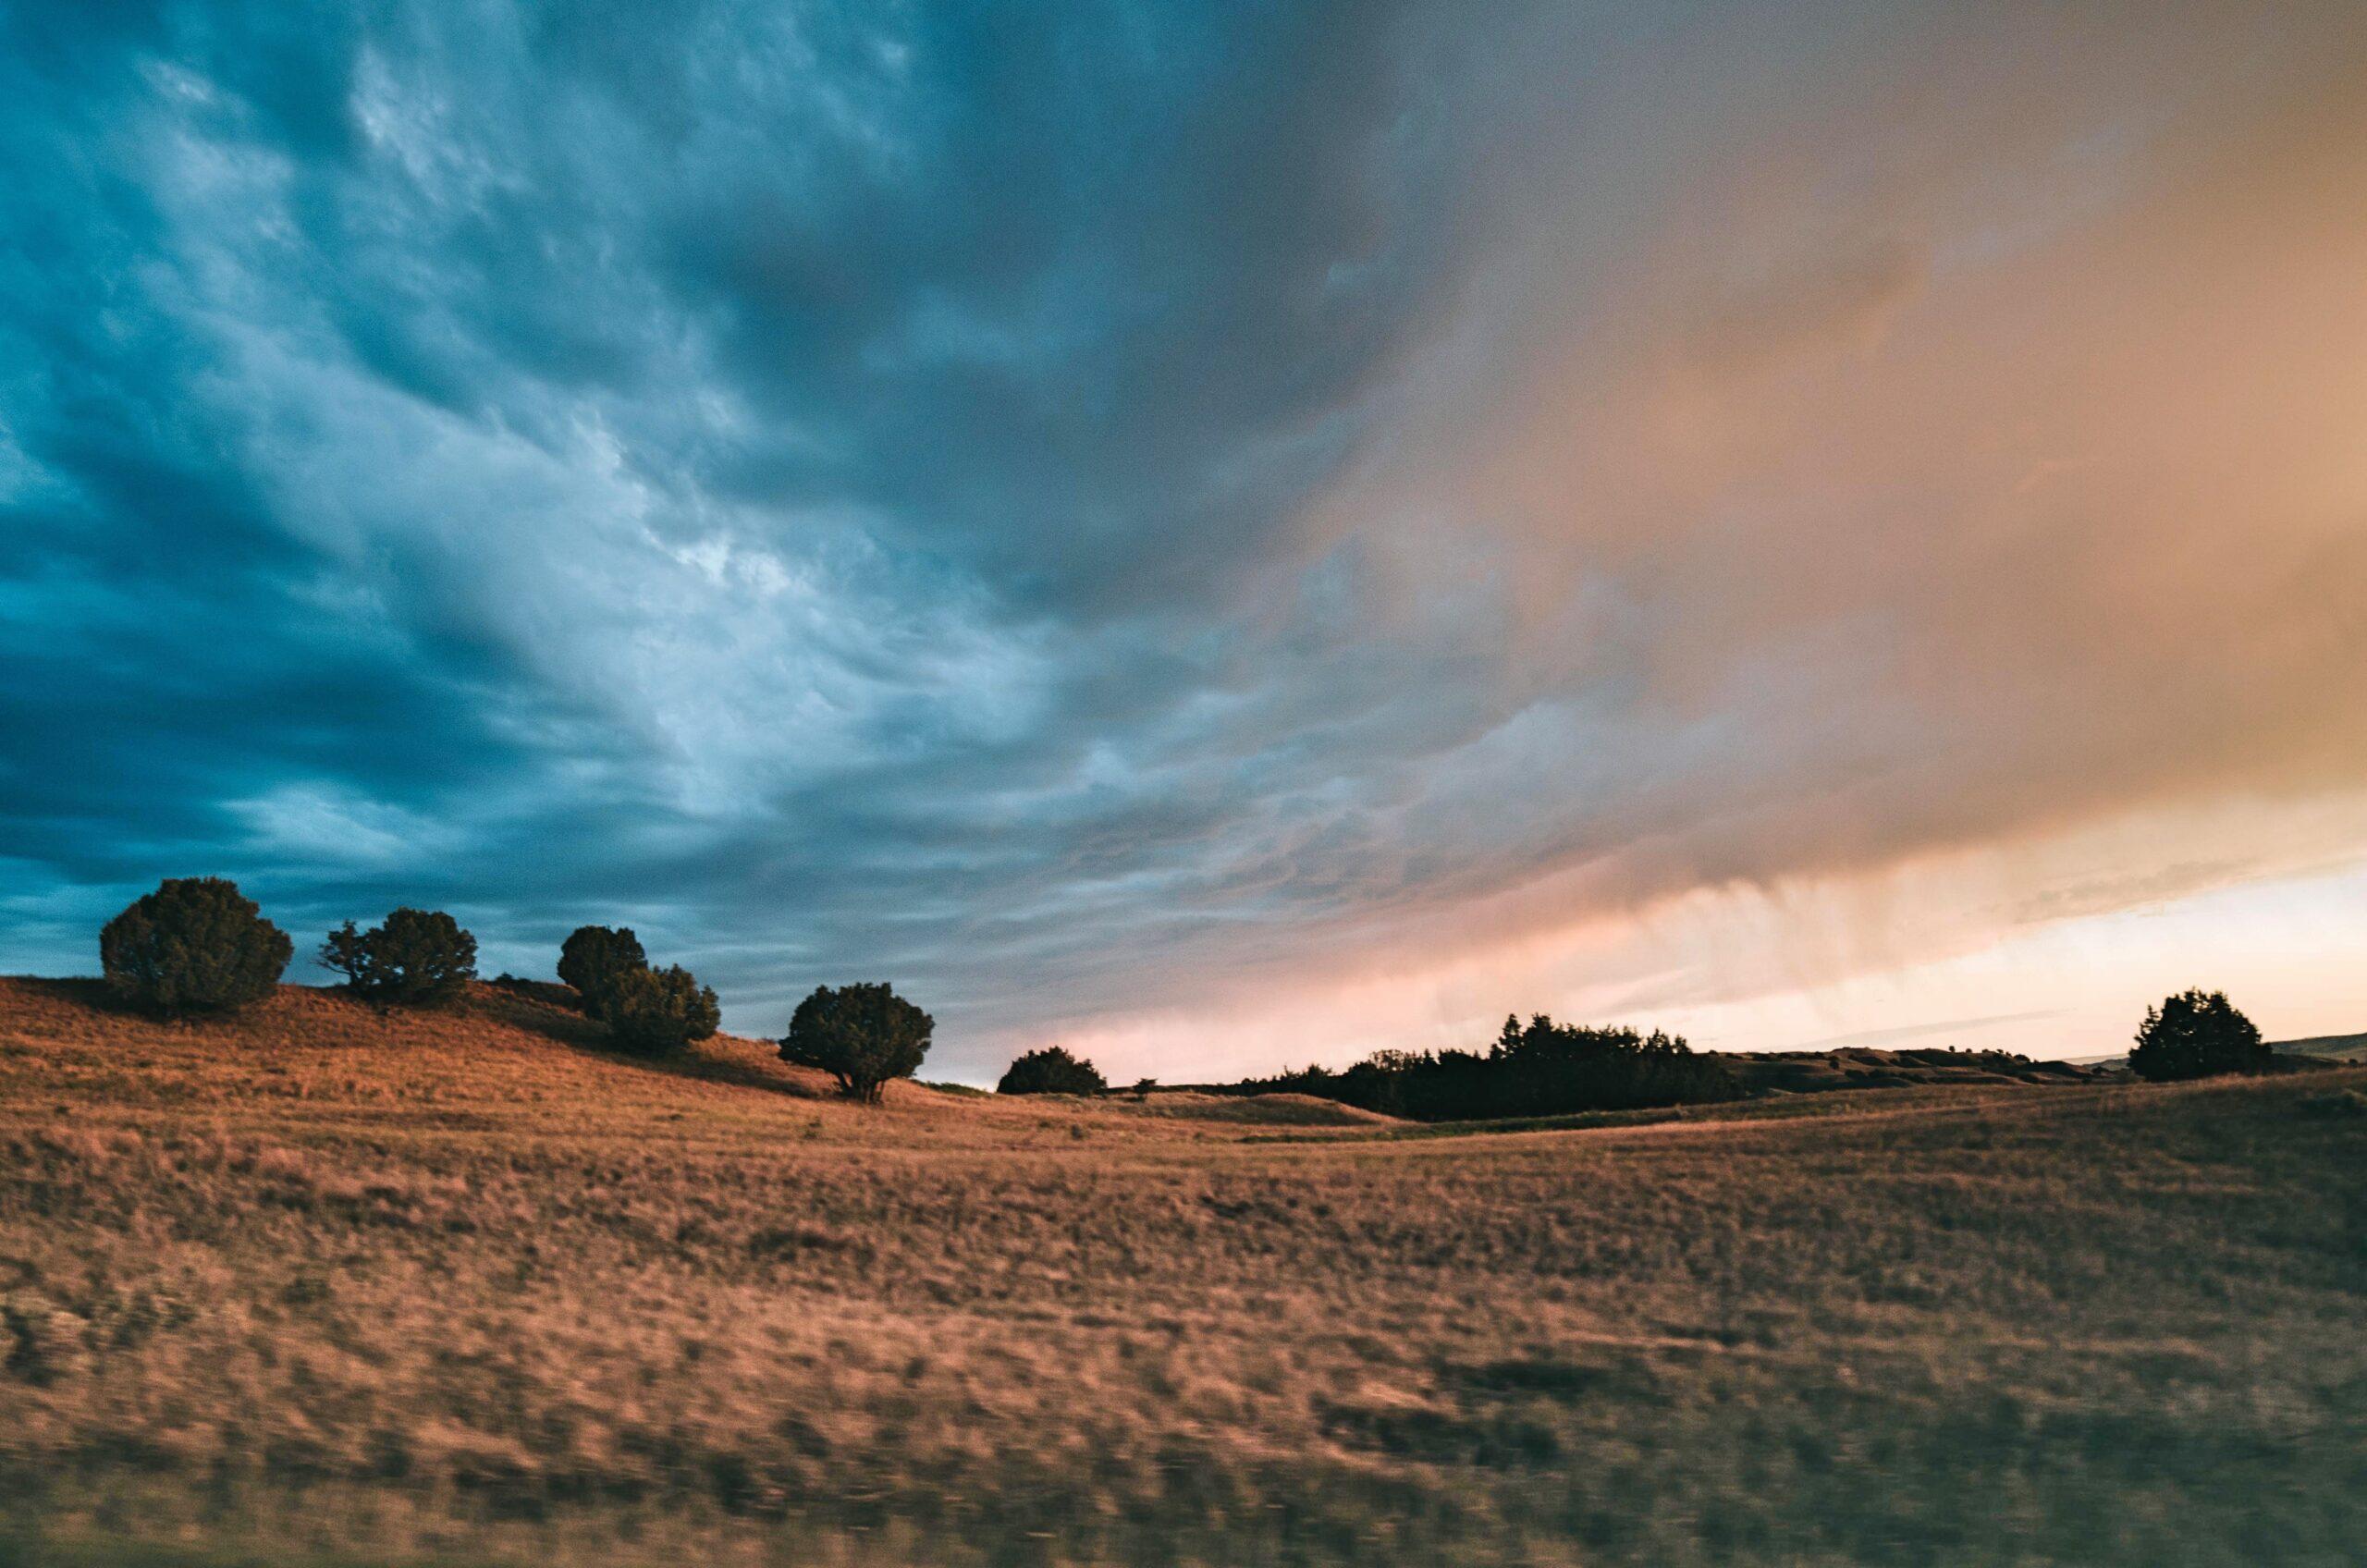 When Dark Clouds Rise